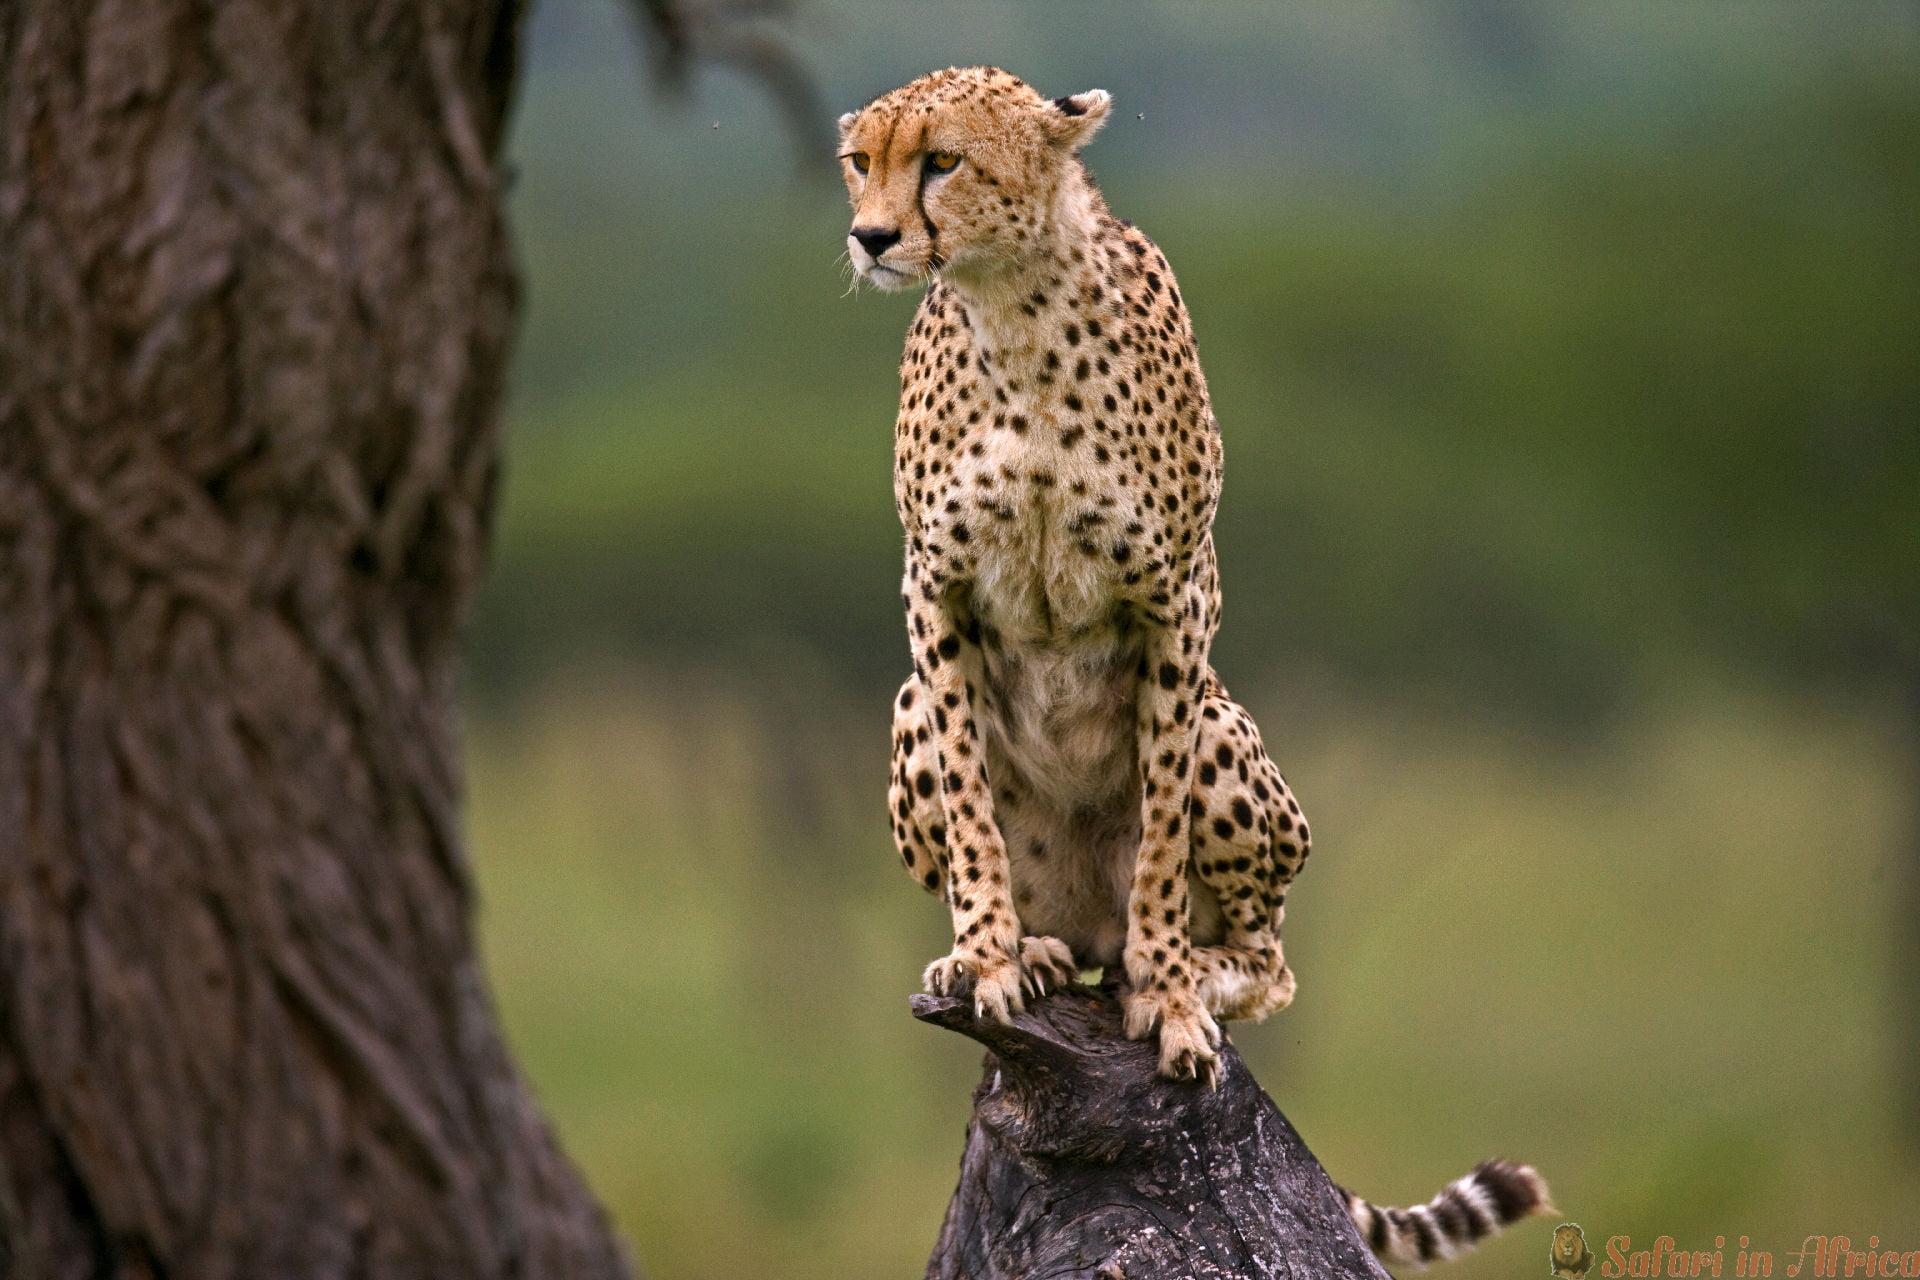 jachtluipaard-zit-op-boom-serengeti-nationaal-park